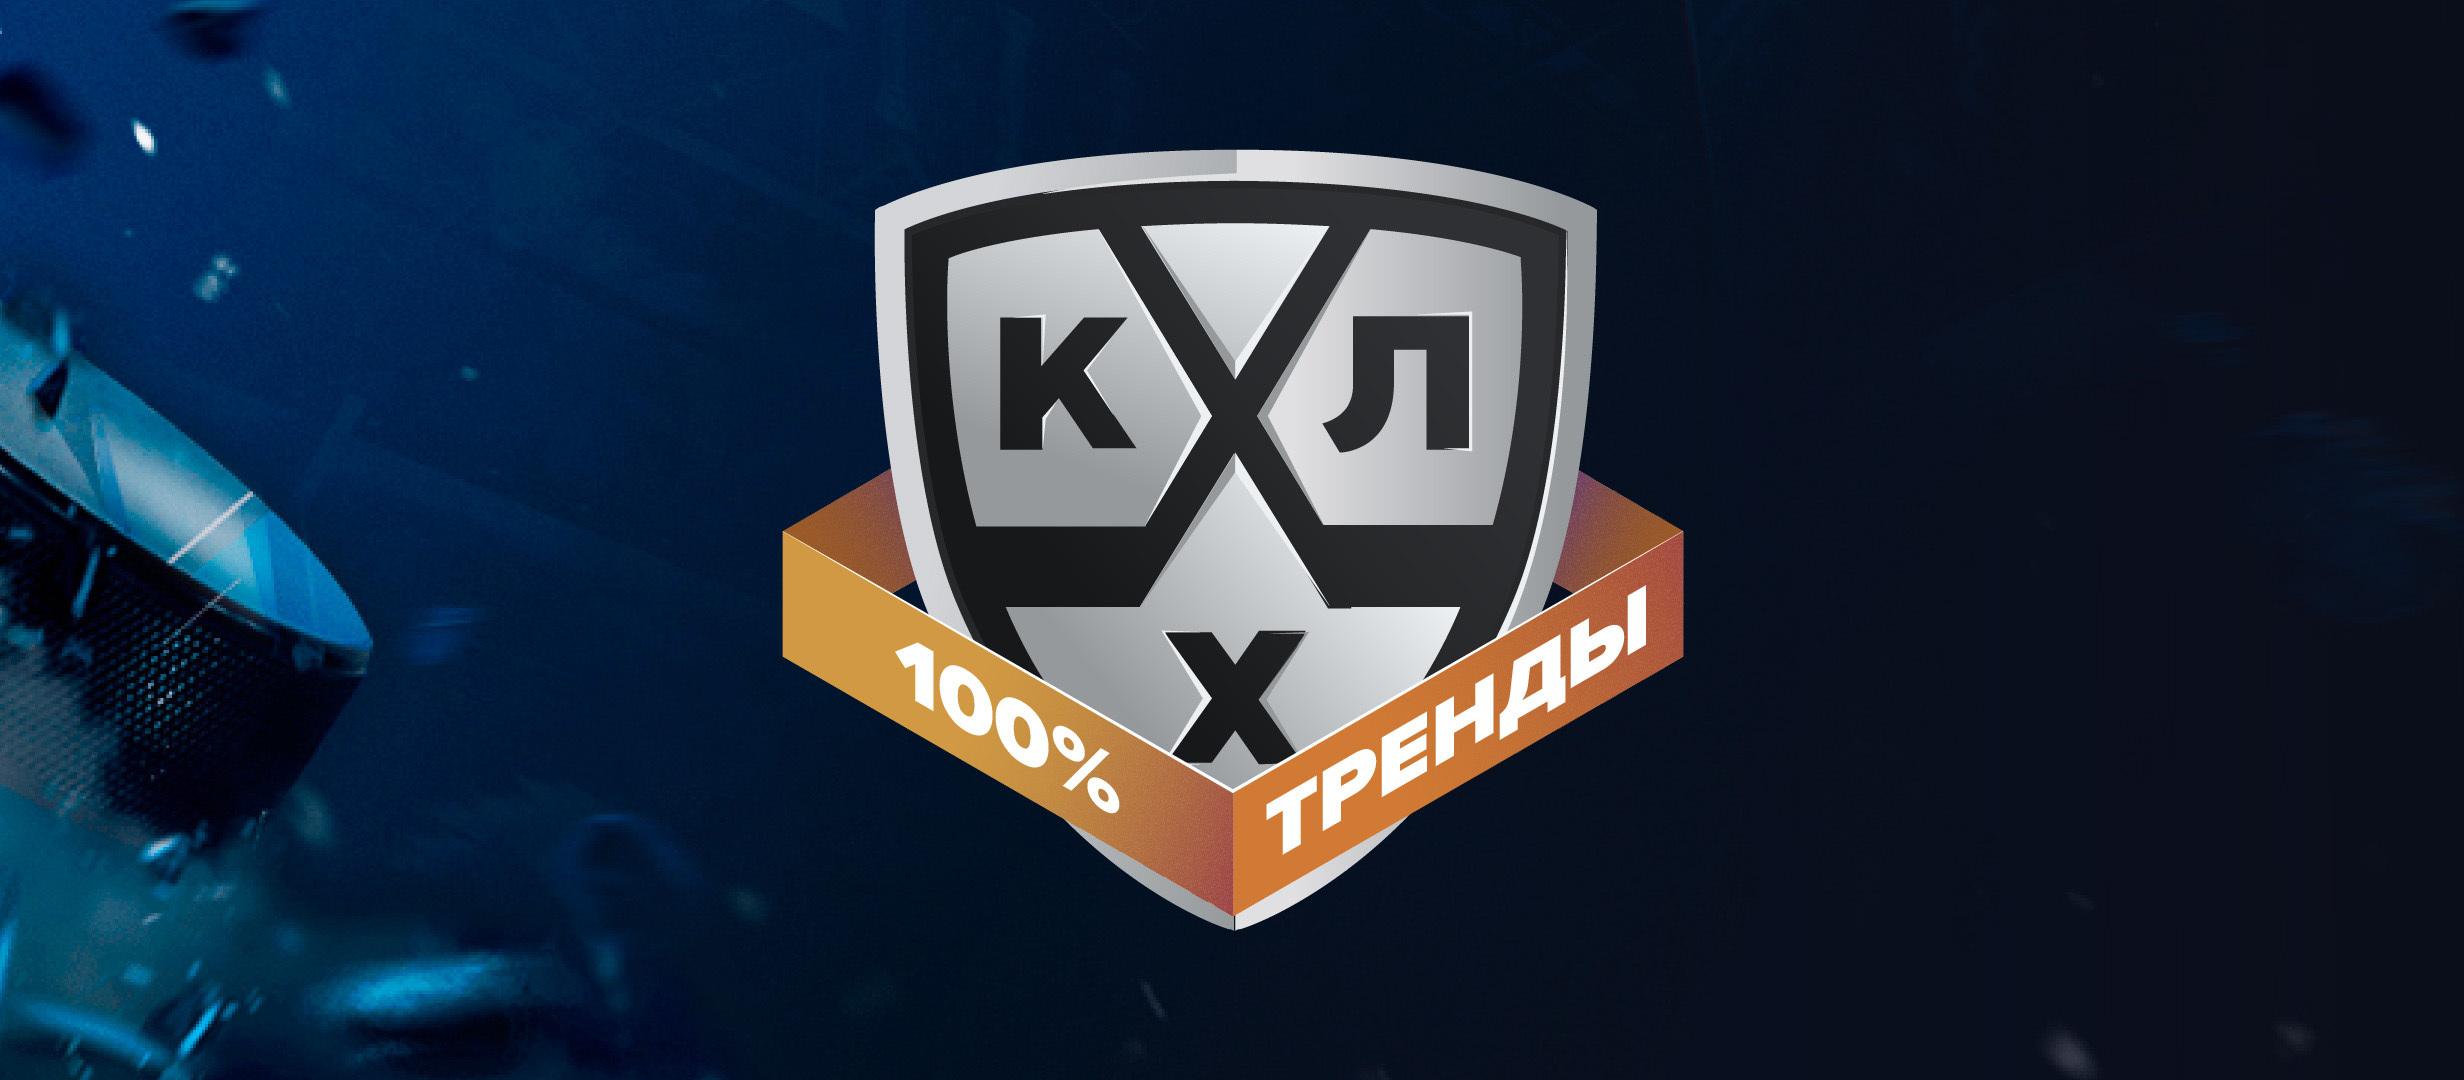 КХЛ-2021/22: 10 ставок на регулярный чемпионат, которые ни разу не проиграли